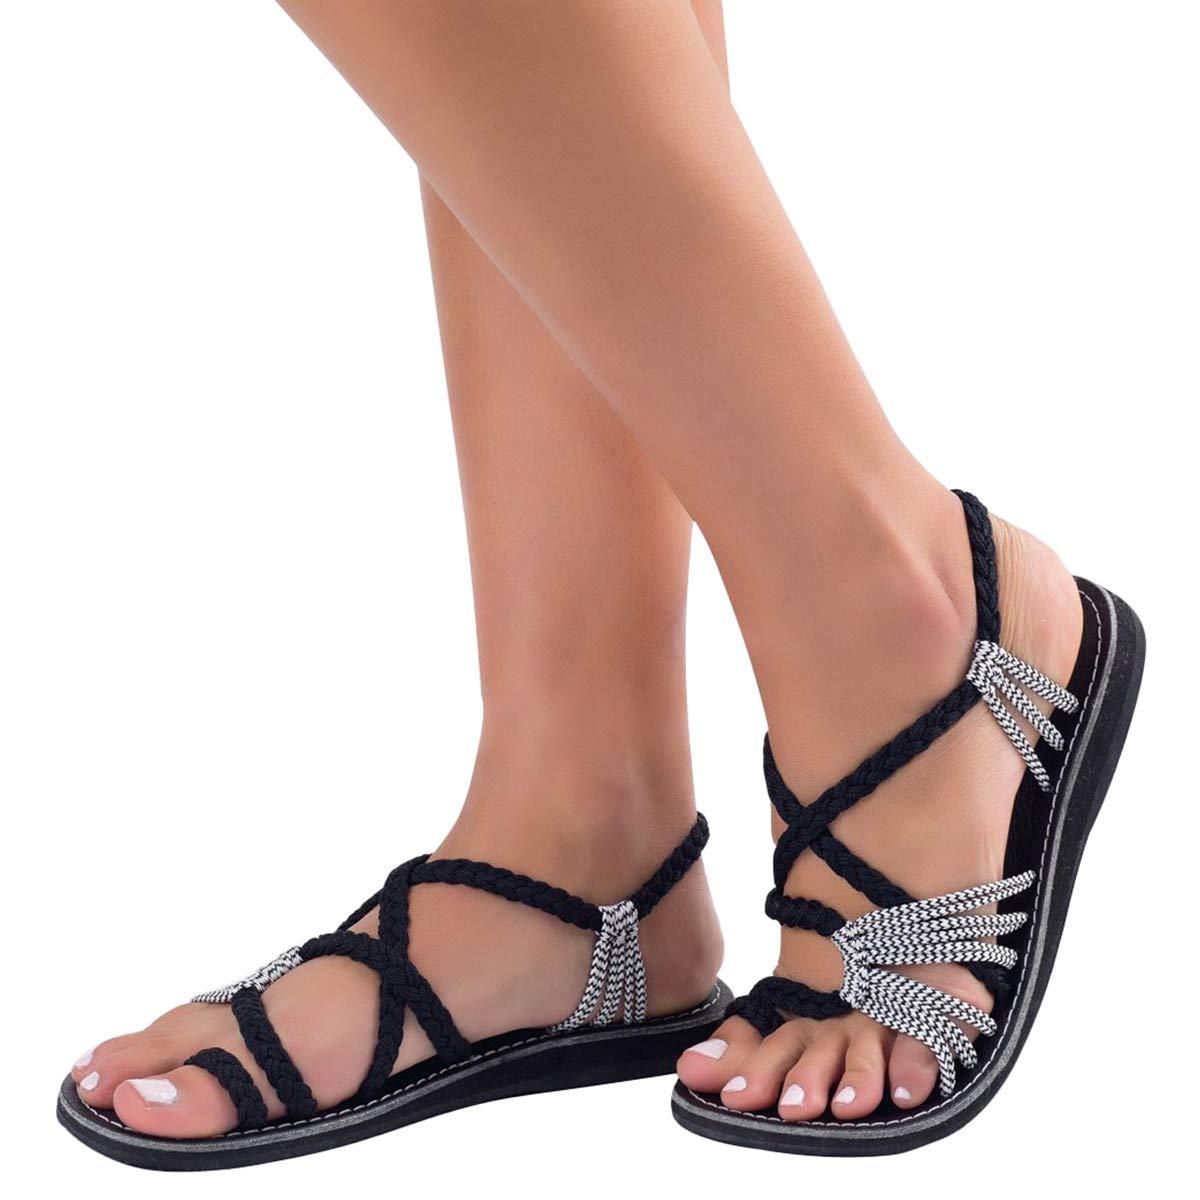 Sandales Noir Femme Tressée Sandales Femmes Chaussures B07H7NYVL1 de Blanc Plage Plats Bohême Clip Toe Herringbone Flip Flops Noir Blanc 27525ed - reprogrammed.space